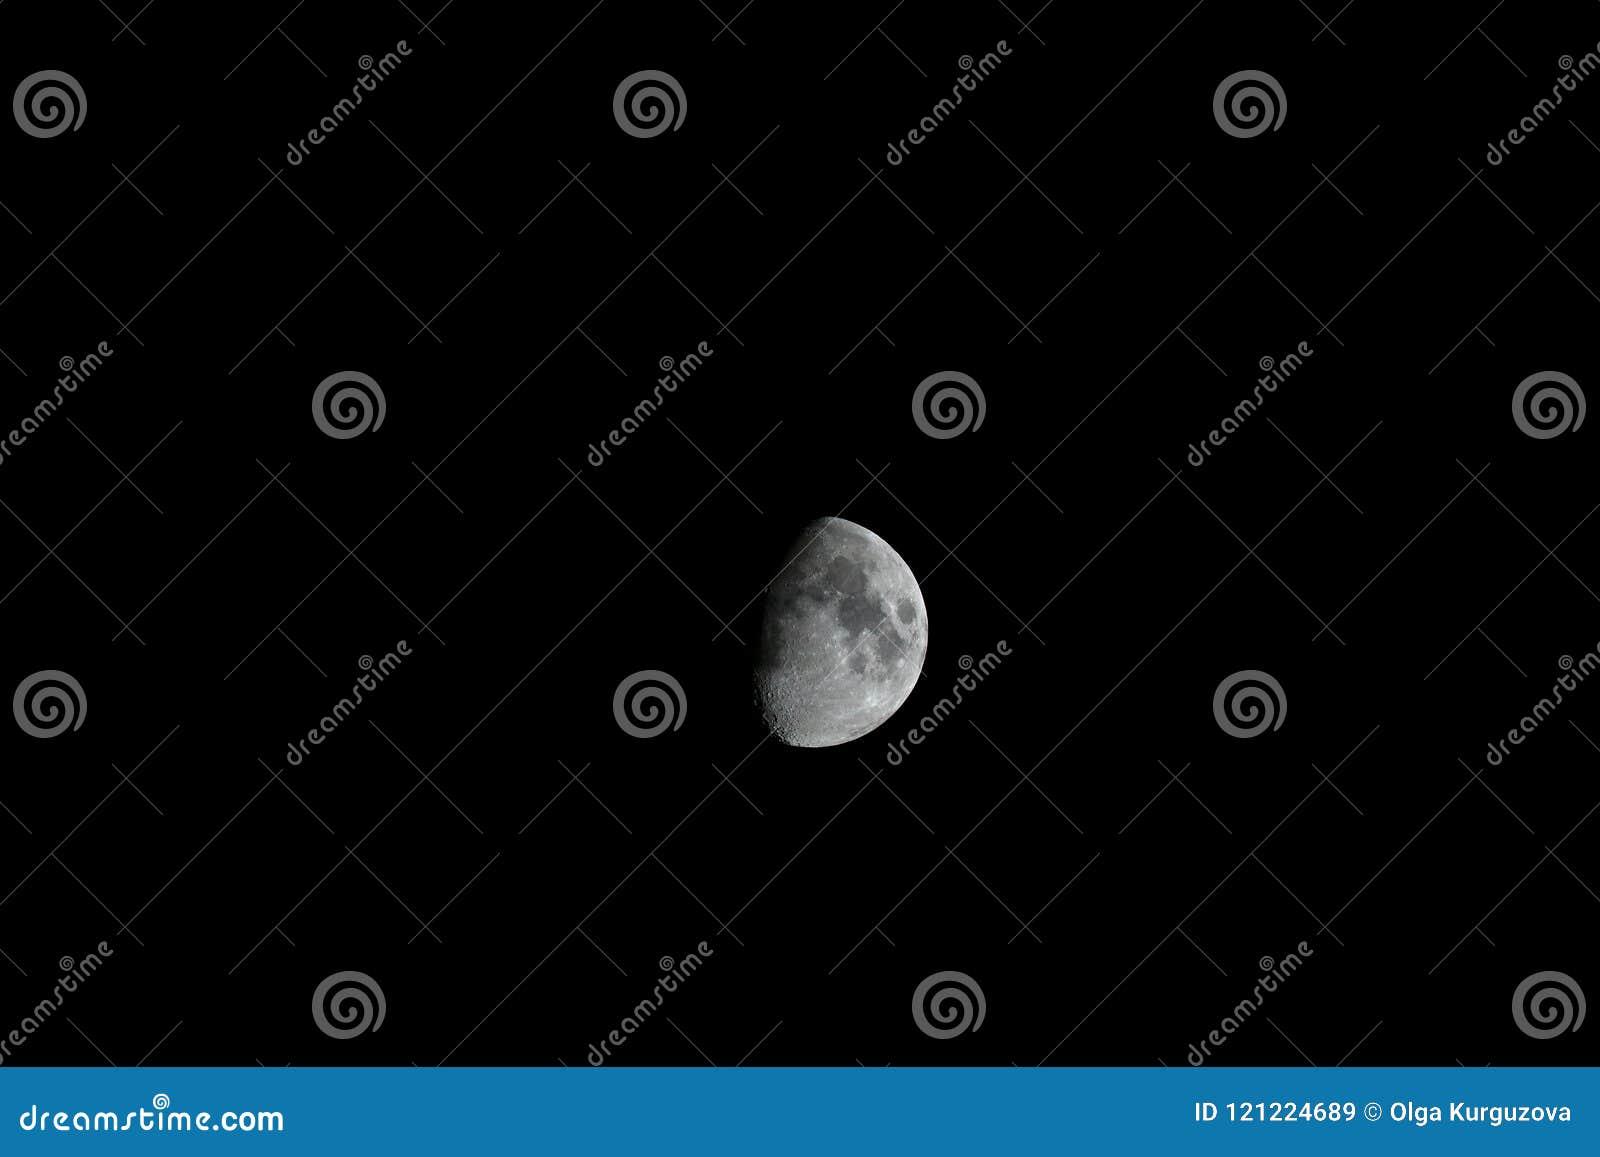 Maan in donkere hemel, begeindiger en kraters op de heldere oppervlakte